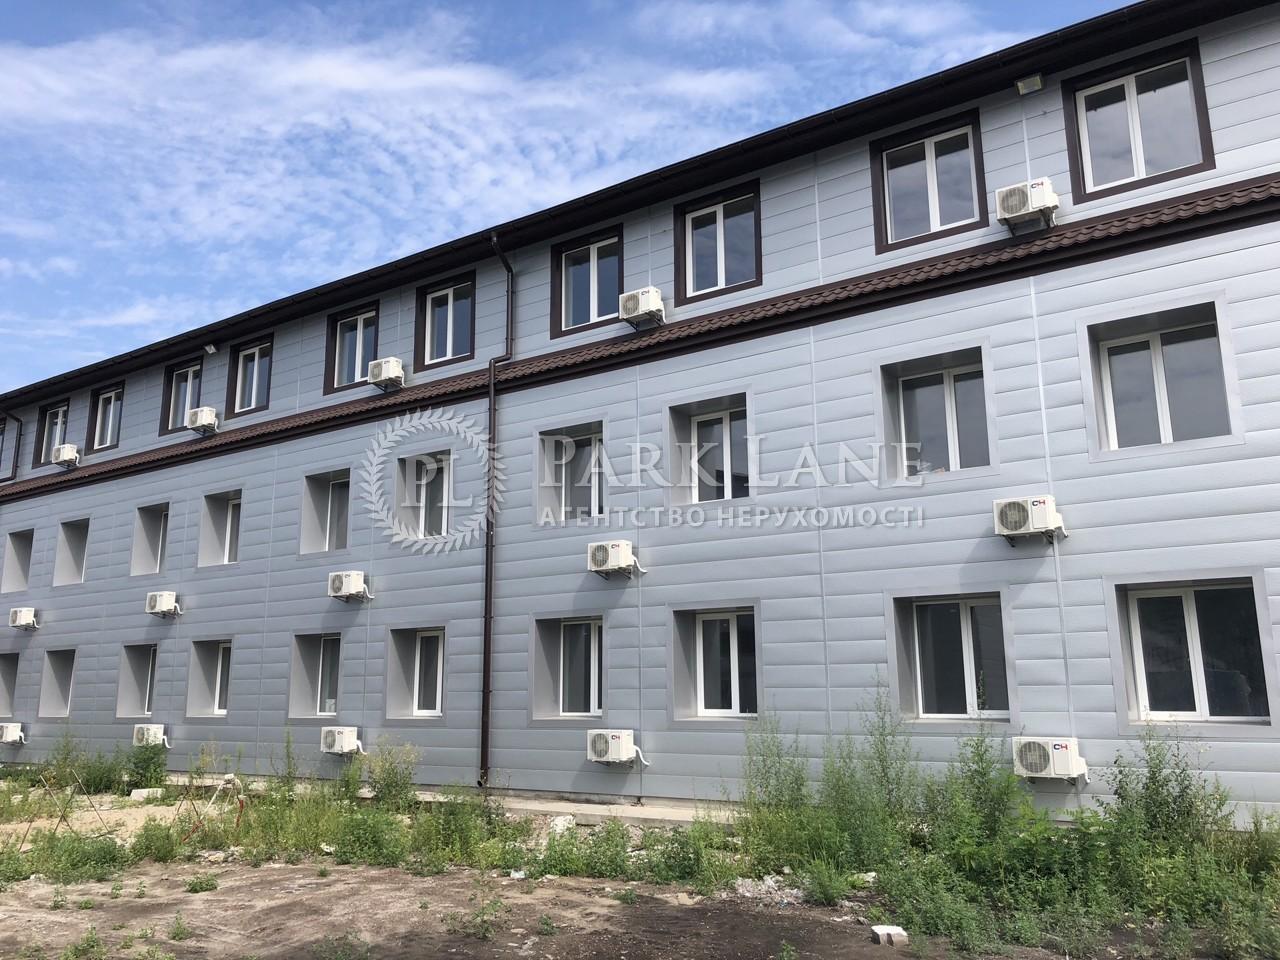 Нежилое помещение, ул. Довбуша Олексы, Киев, Z-365663 - Фото 1